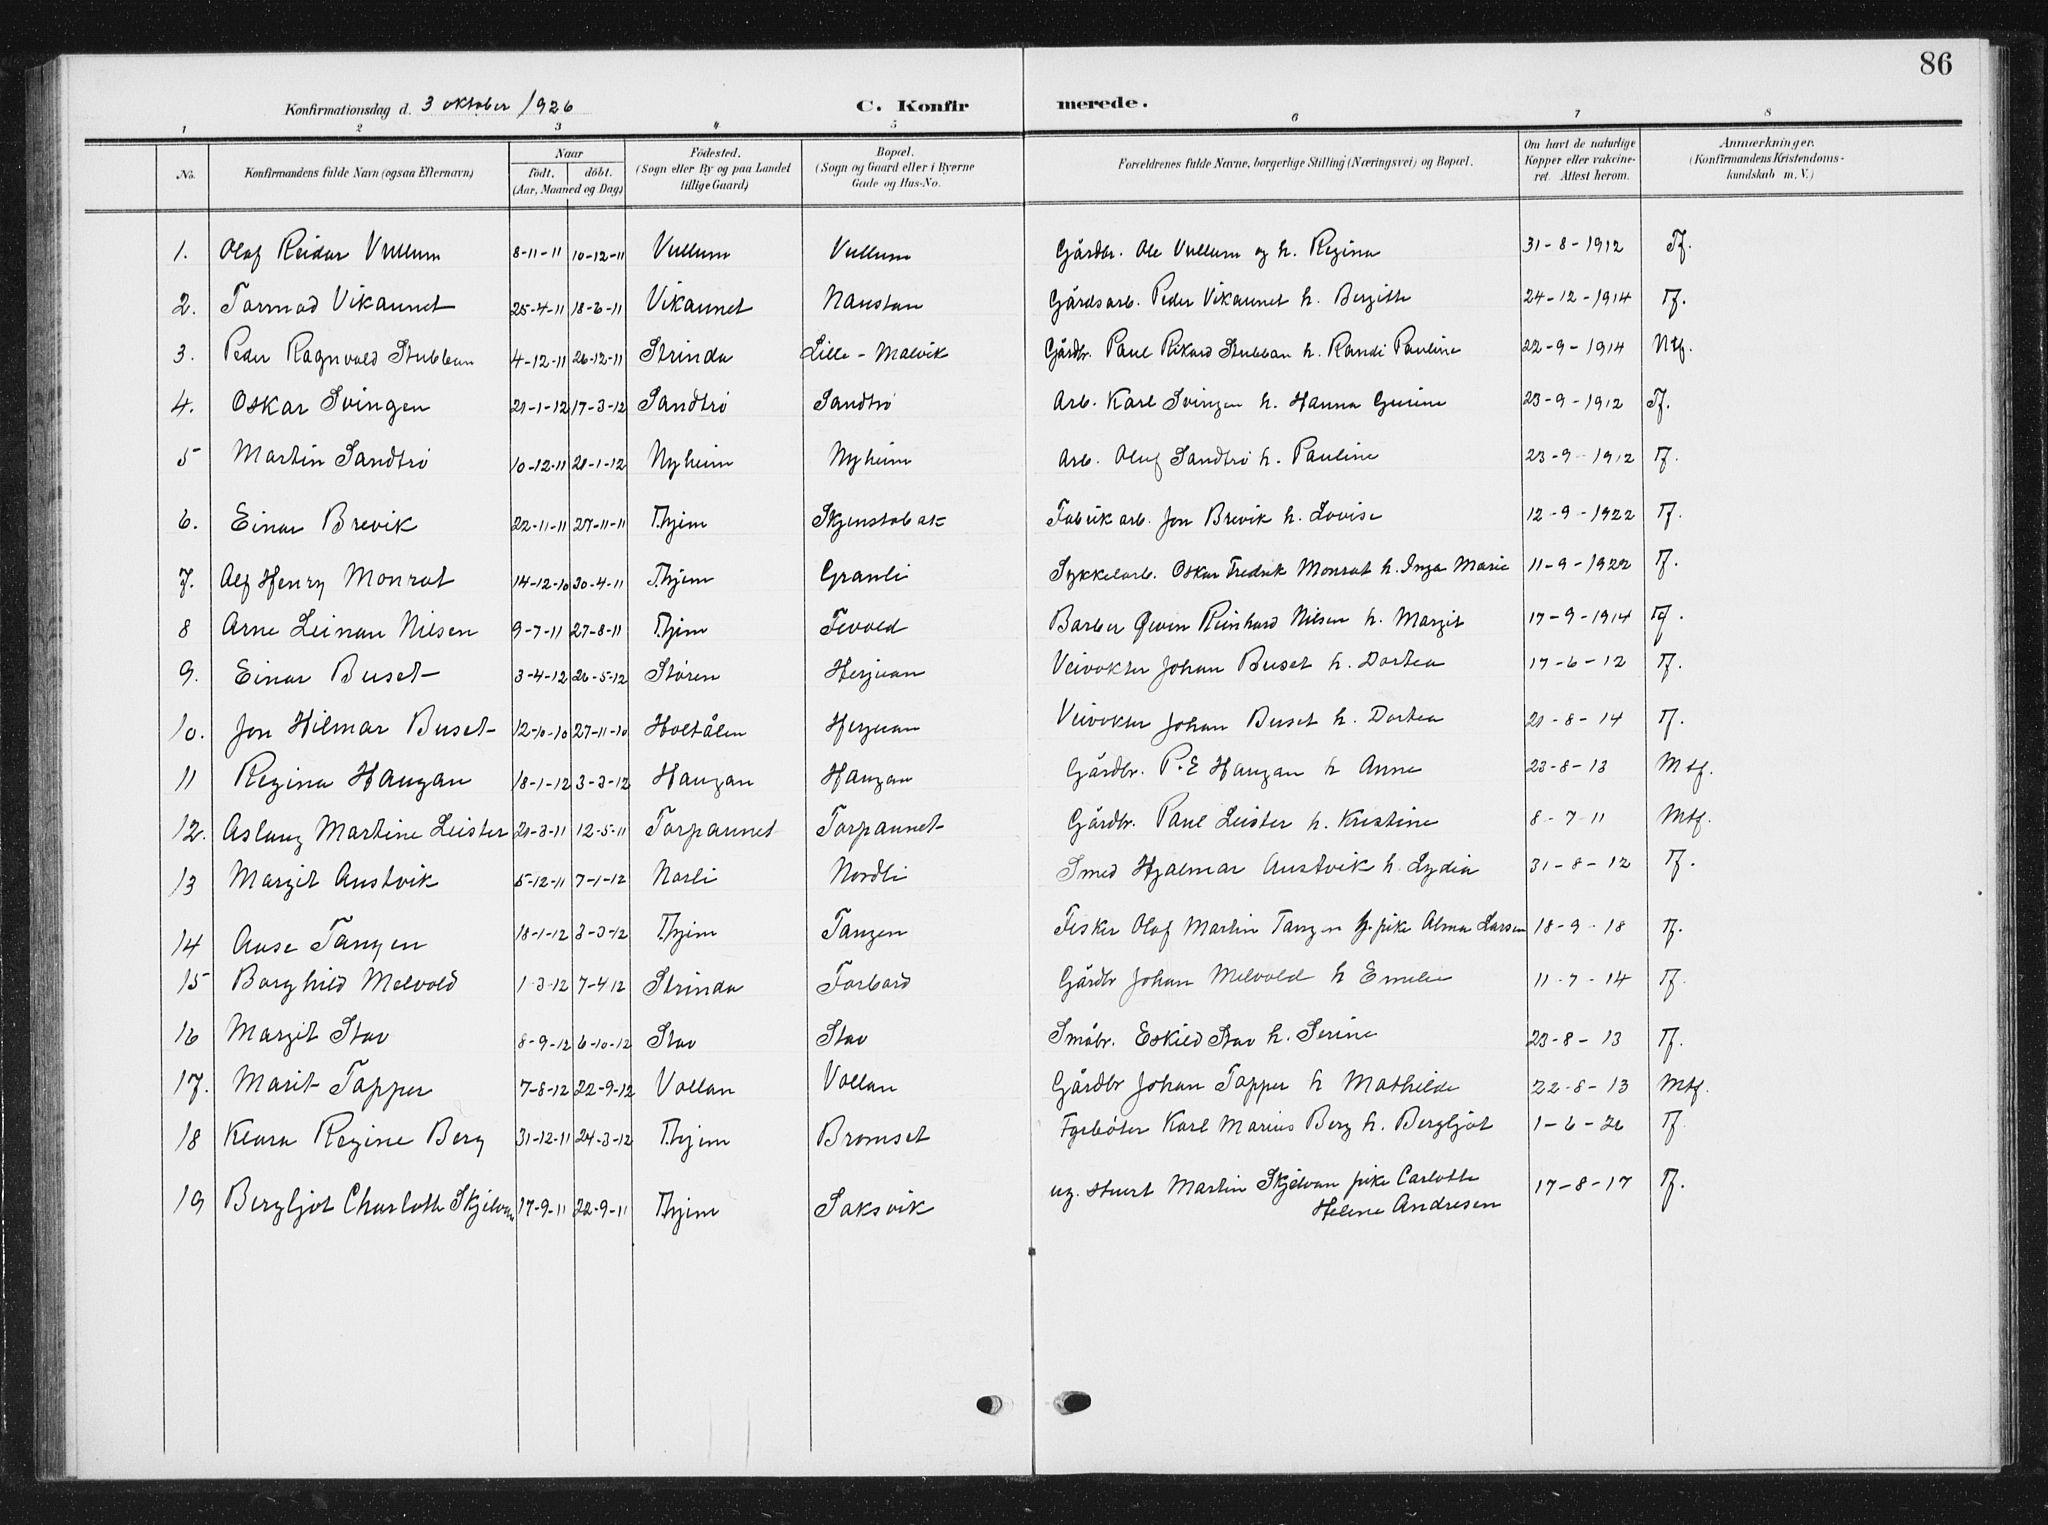 SAT, Ministerialprotokoller, klokkerbøker og fødselsregistre - Sør-Trøndelag, 616/L0424: Klokkerbok nr. 616C07, 1904-1940, s. 86